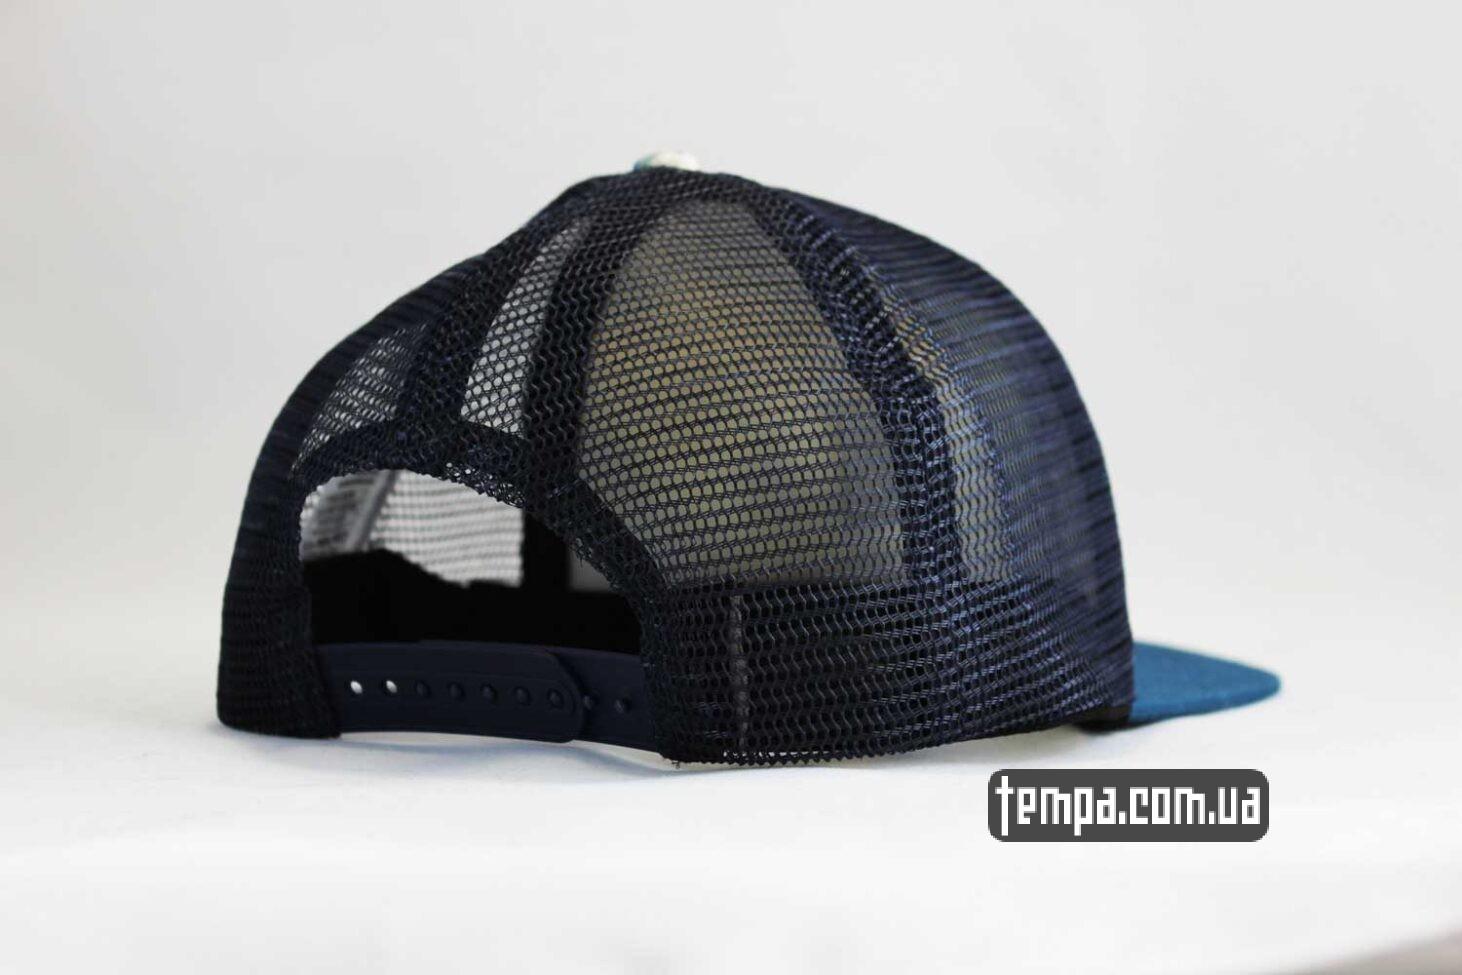 кархарт украина купить кепка Trucker Snapback Carhartt ART с сеточкой